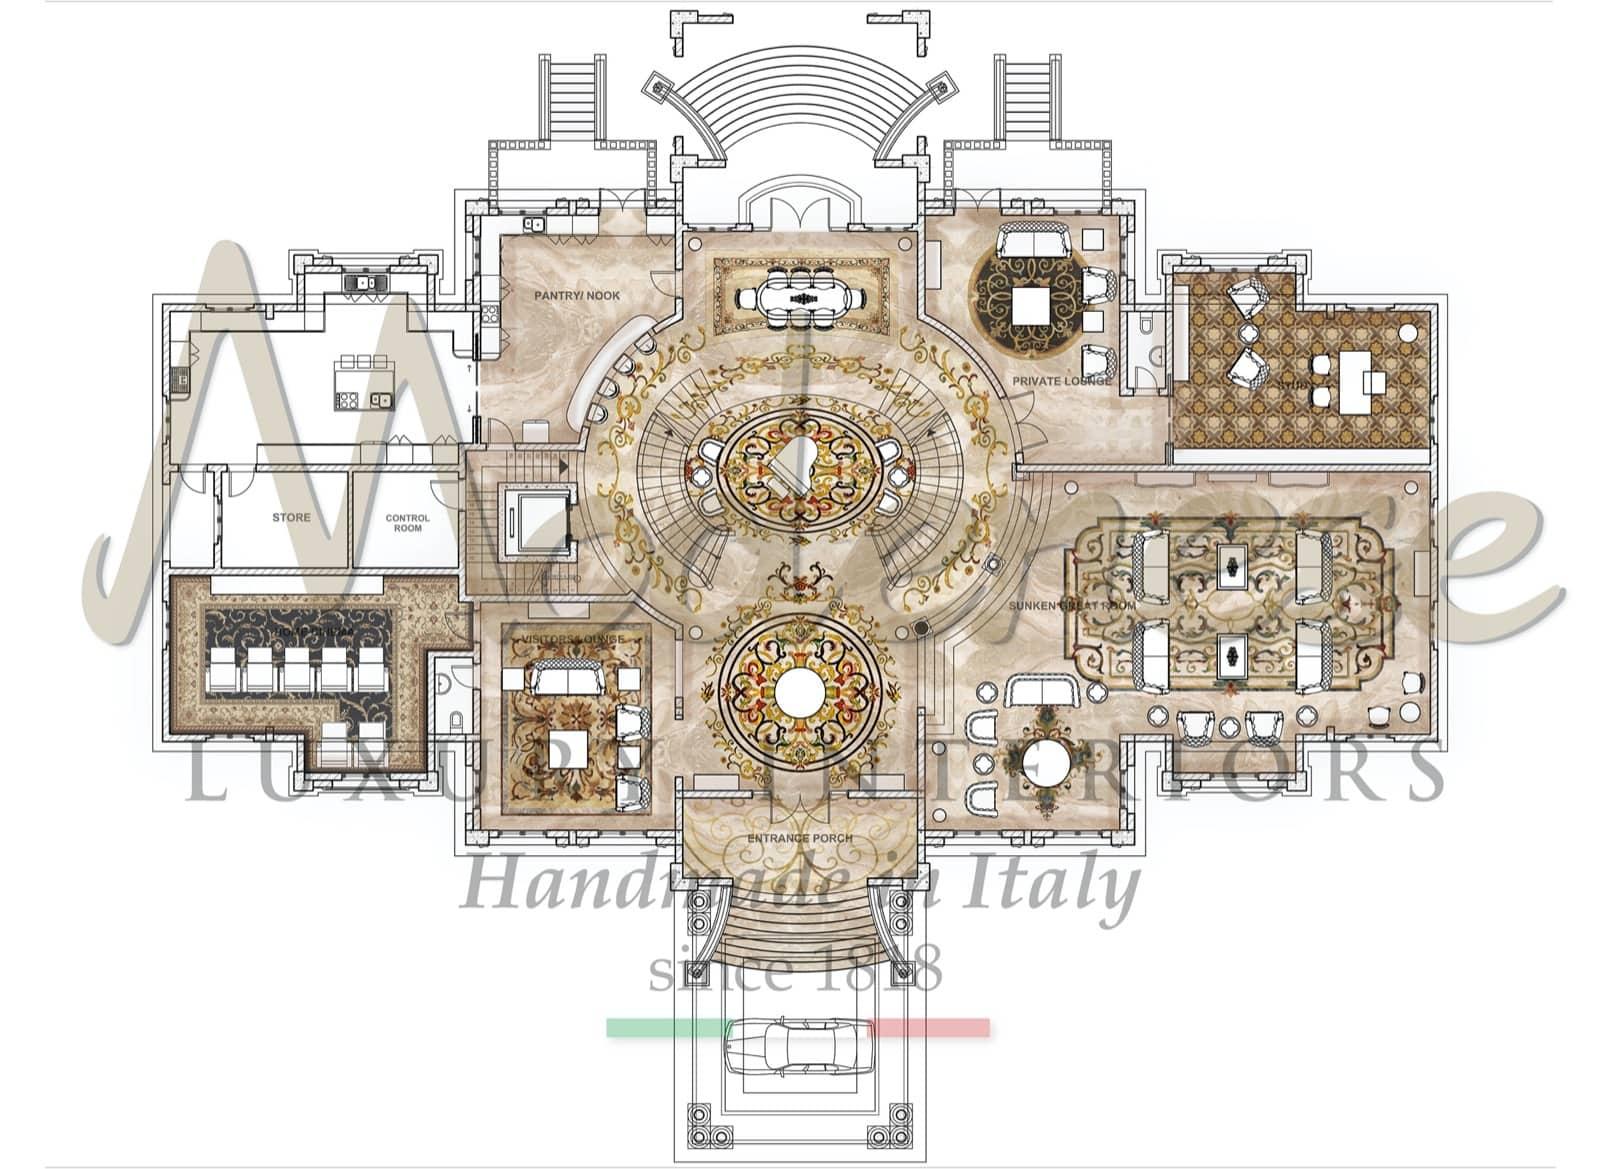 архитектурный дизайн план интерьера, этапы создания роскошных интерьеров, индивидуальные чертежи интерьеров и мебели, элегантный королевский стиль для уникальных проектов, изысканная элегантная архитектура в стиле ампир